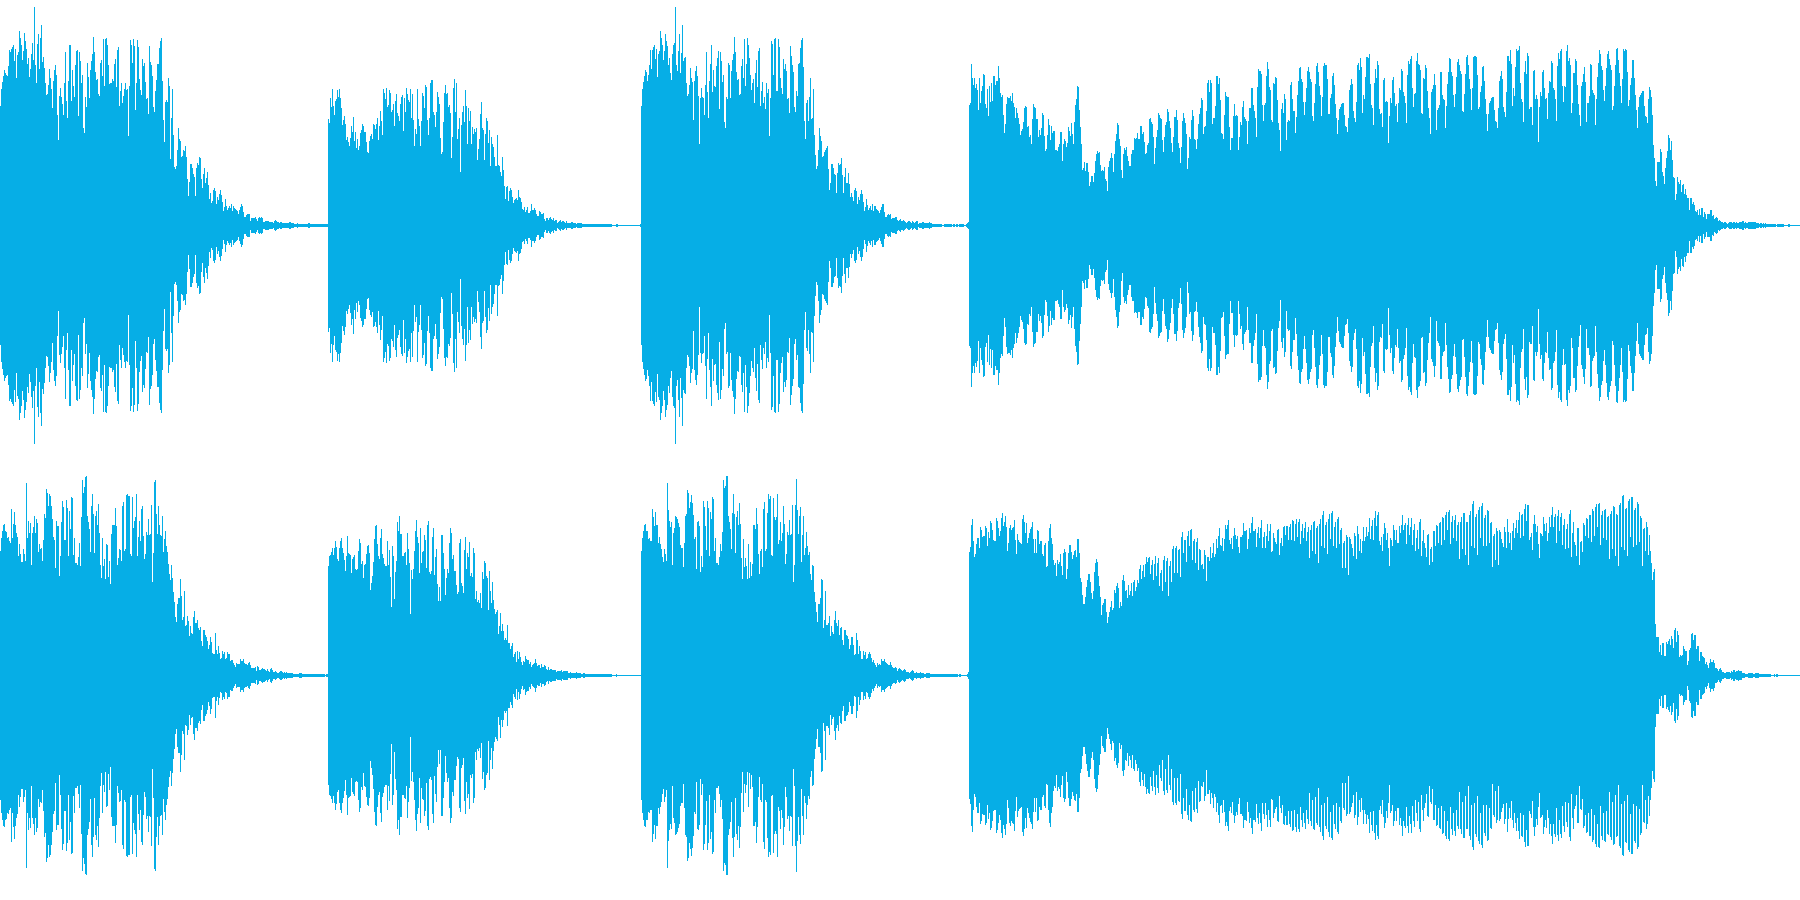 張力ビルダーの歪みの再生済みの波形